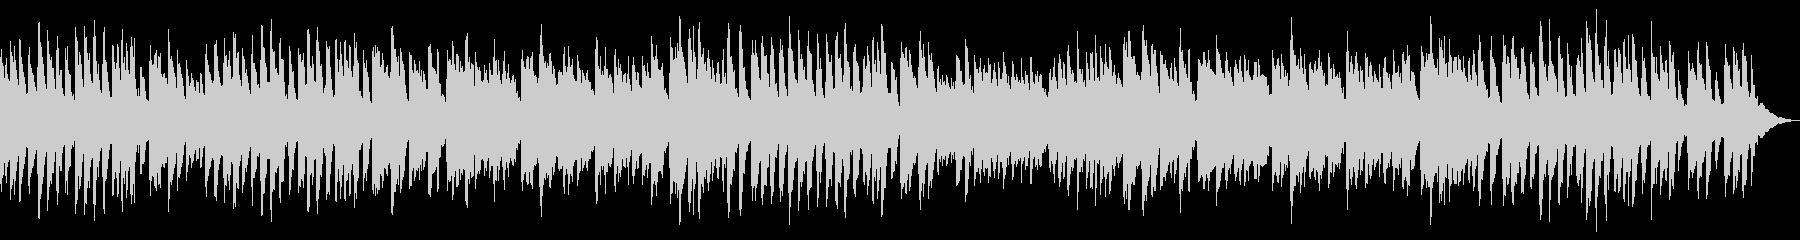 ピアノの練習シーン等に最適なピアノソロの未再生の波形